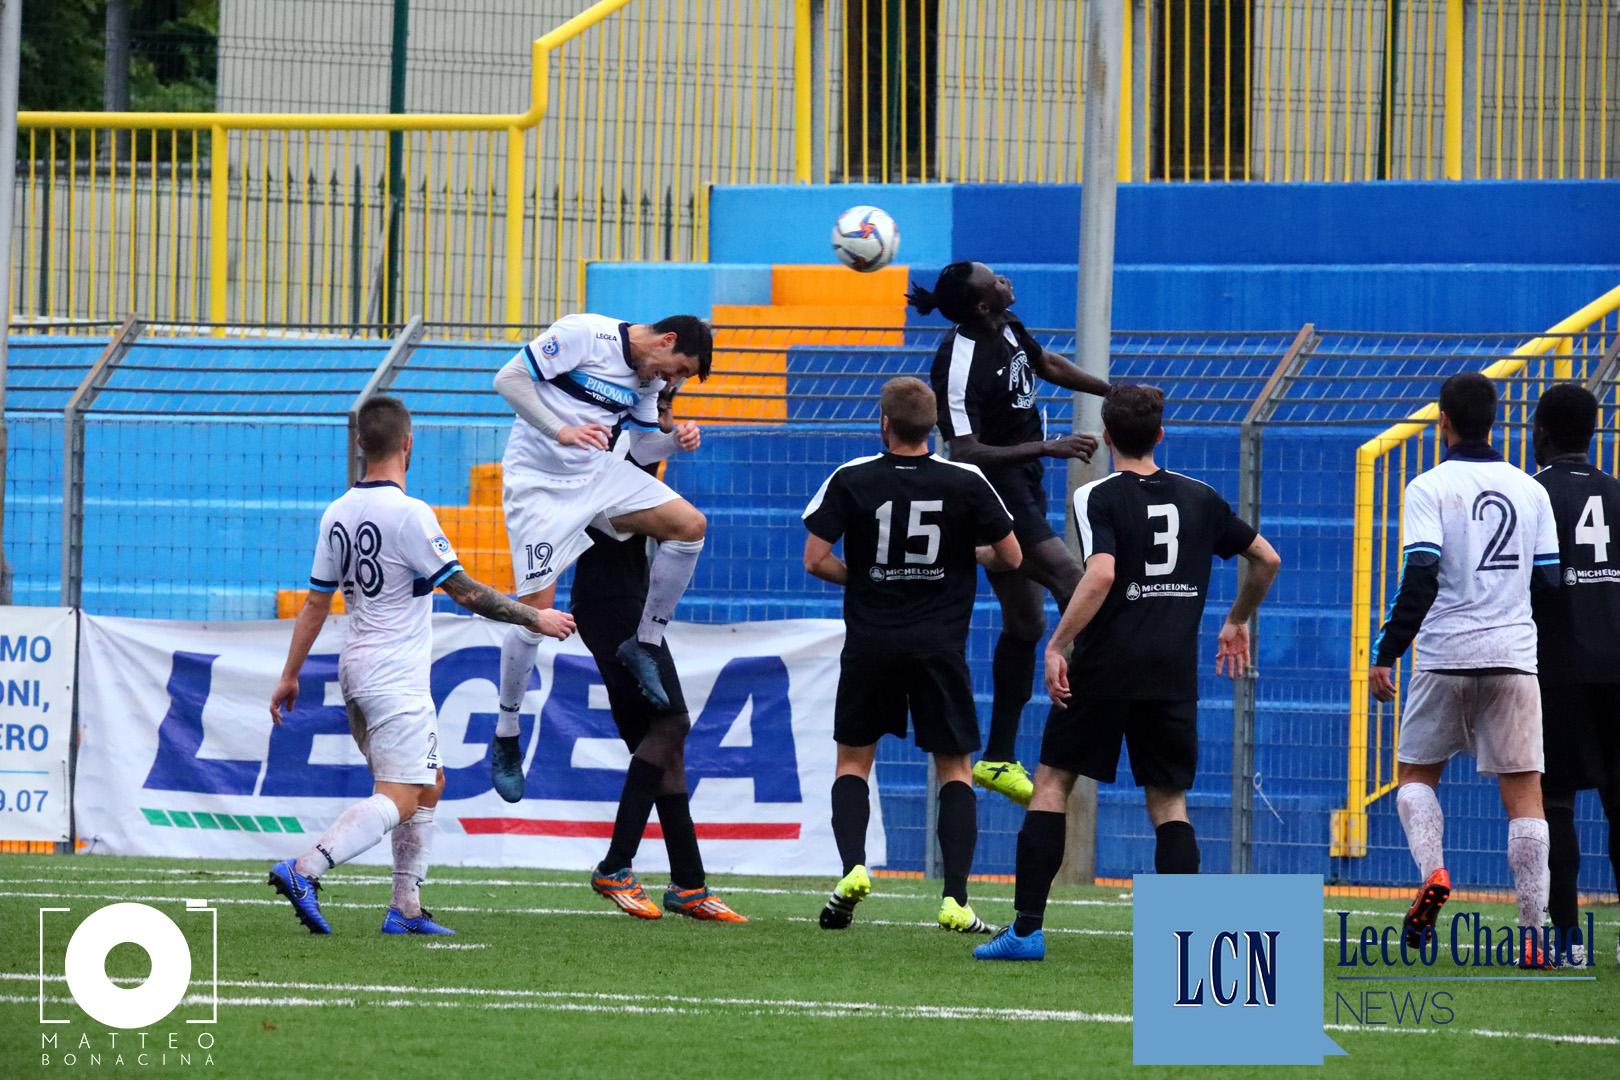 Calcio Lecco Victoria Amichevole 8 Novembre 2018 merli sala (1)